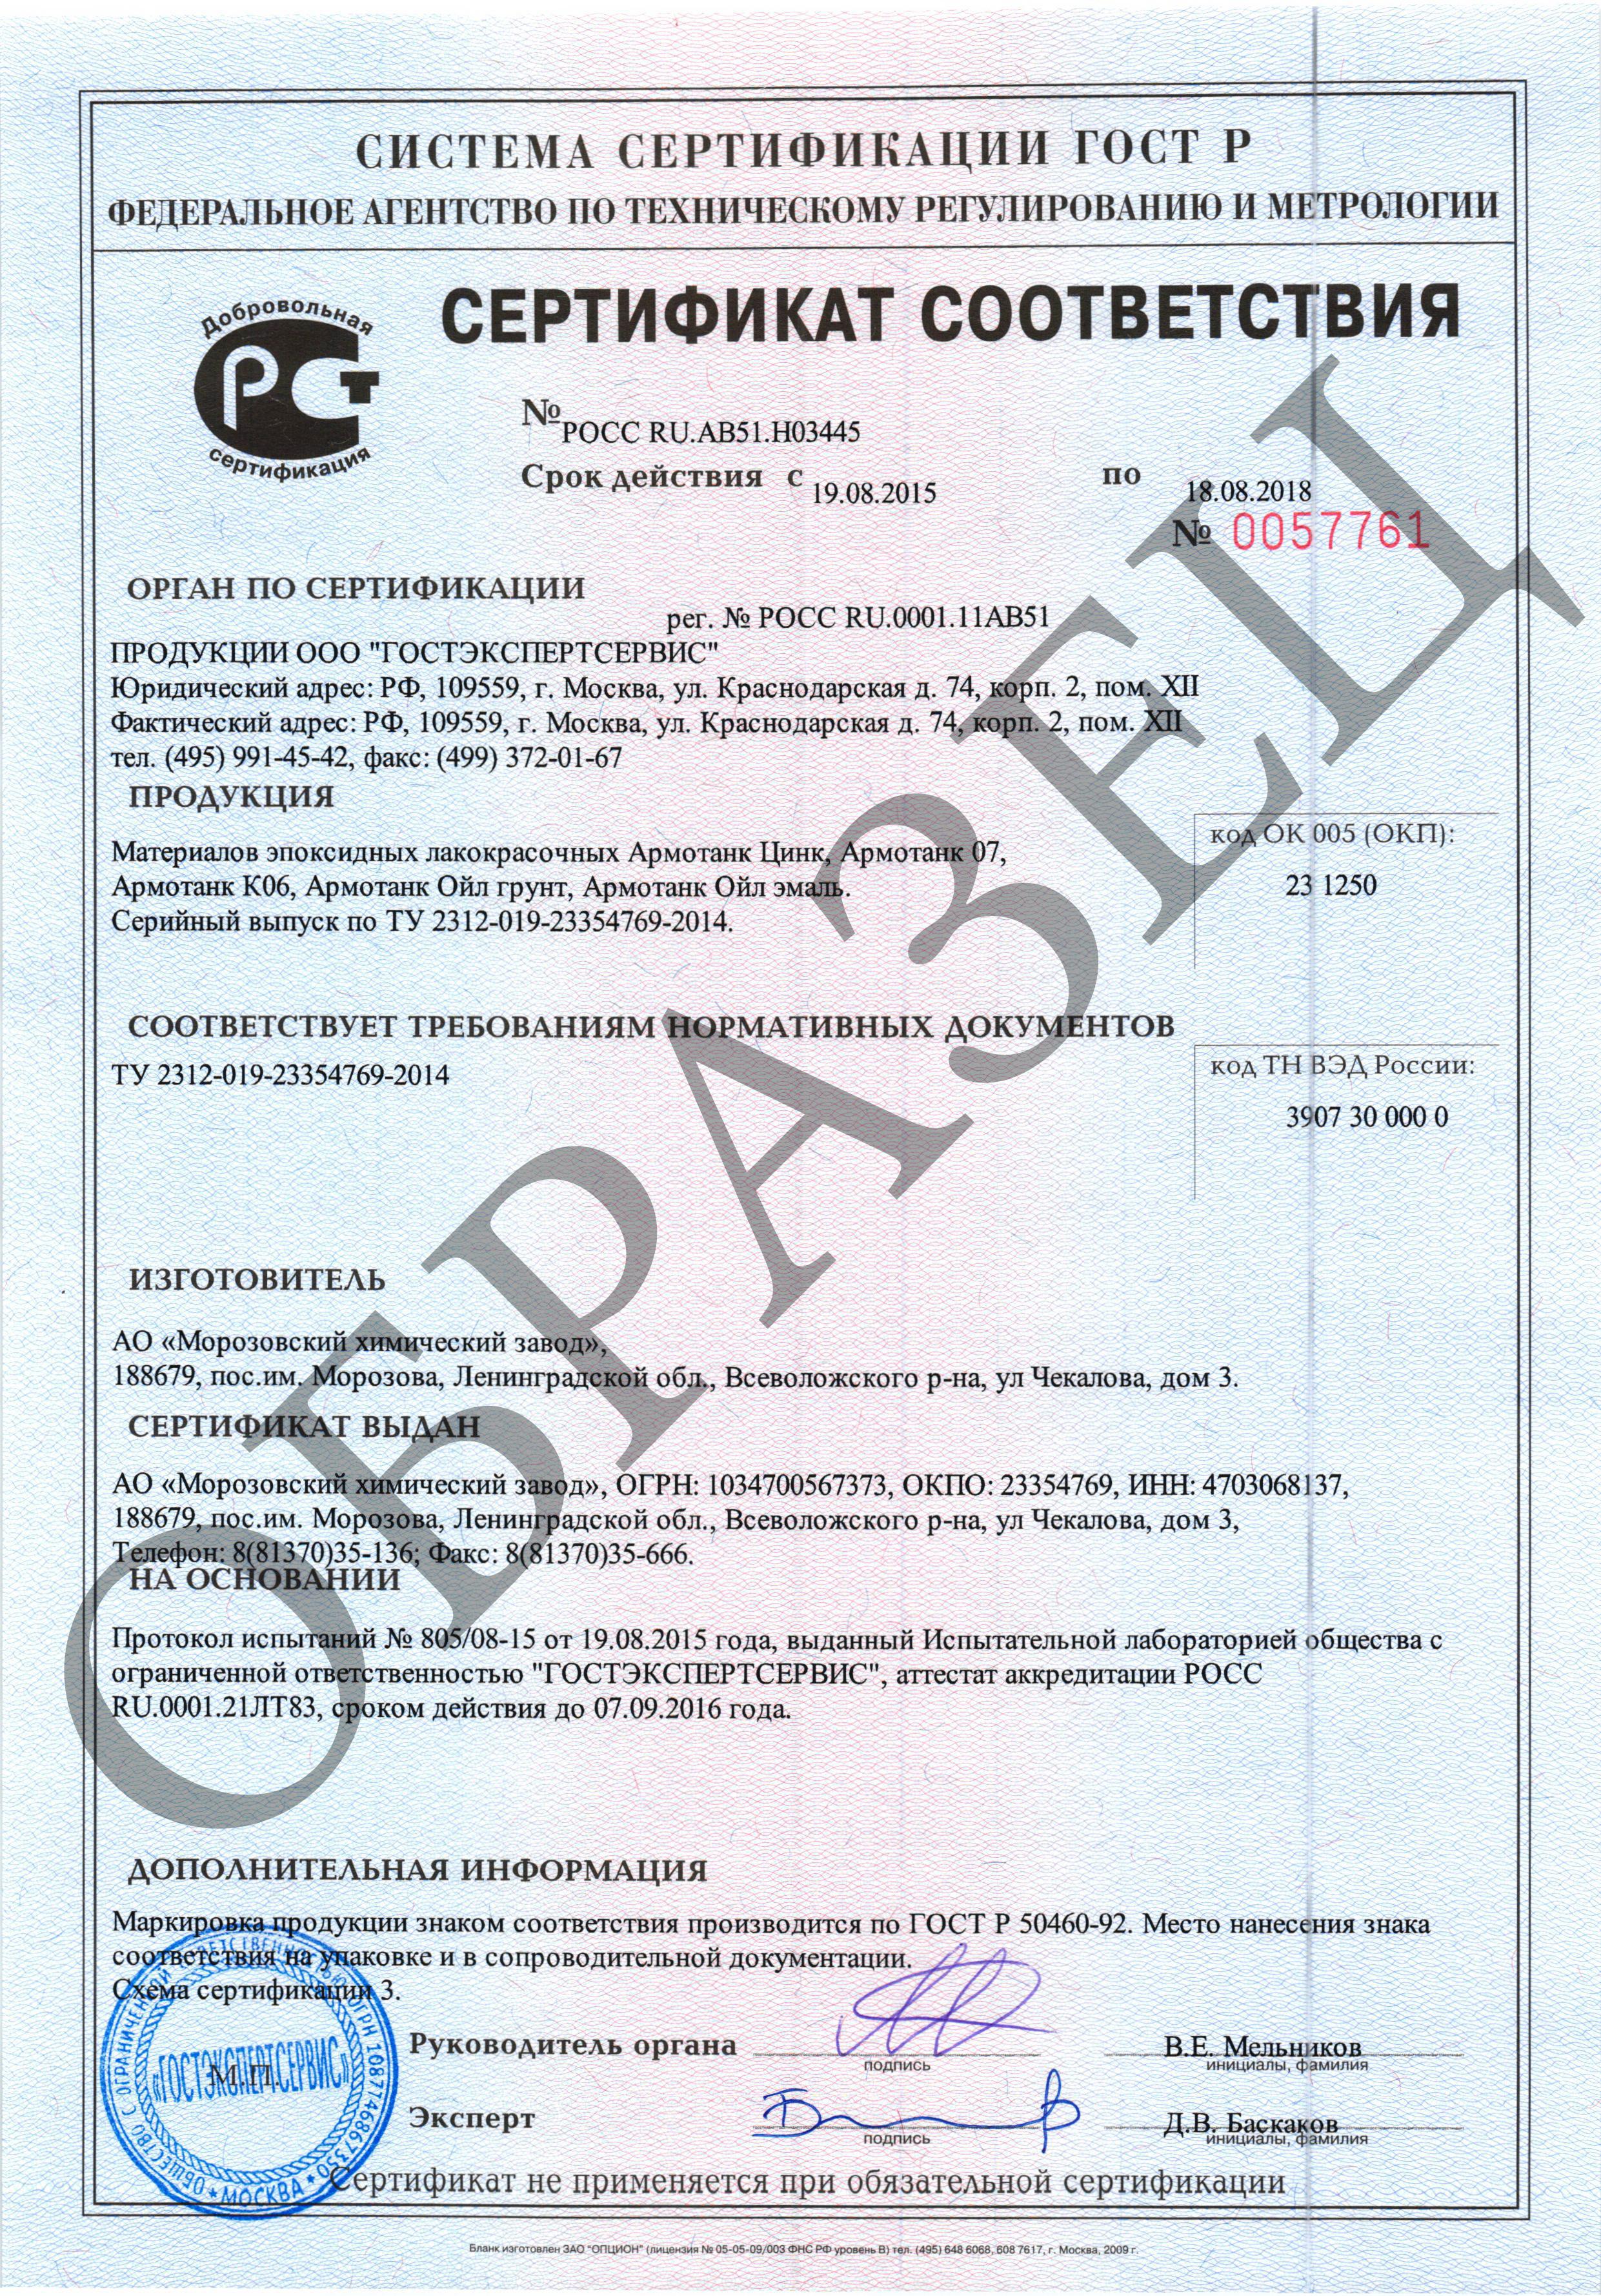 Сертификат ГОСТ Р 07, Цинк, К06, ОЙЛ